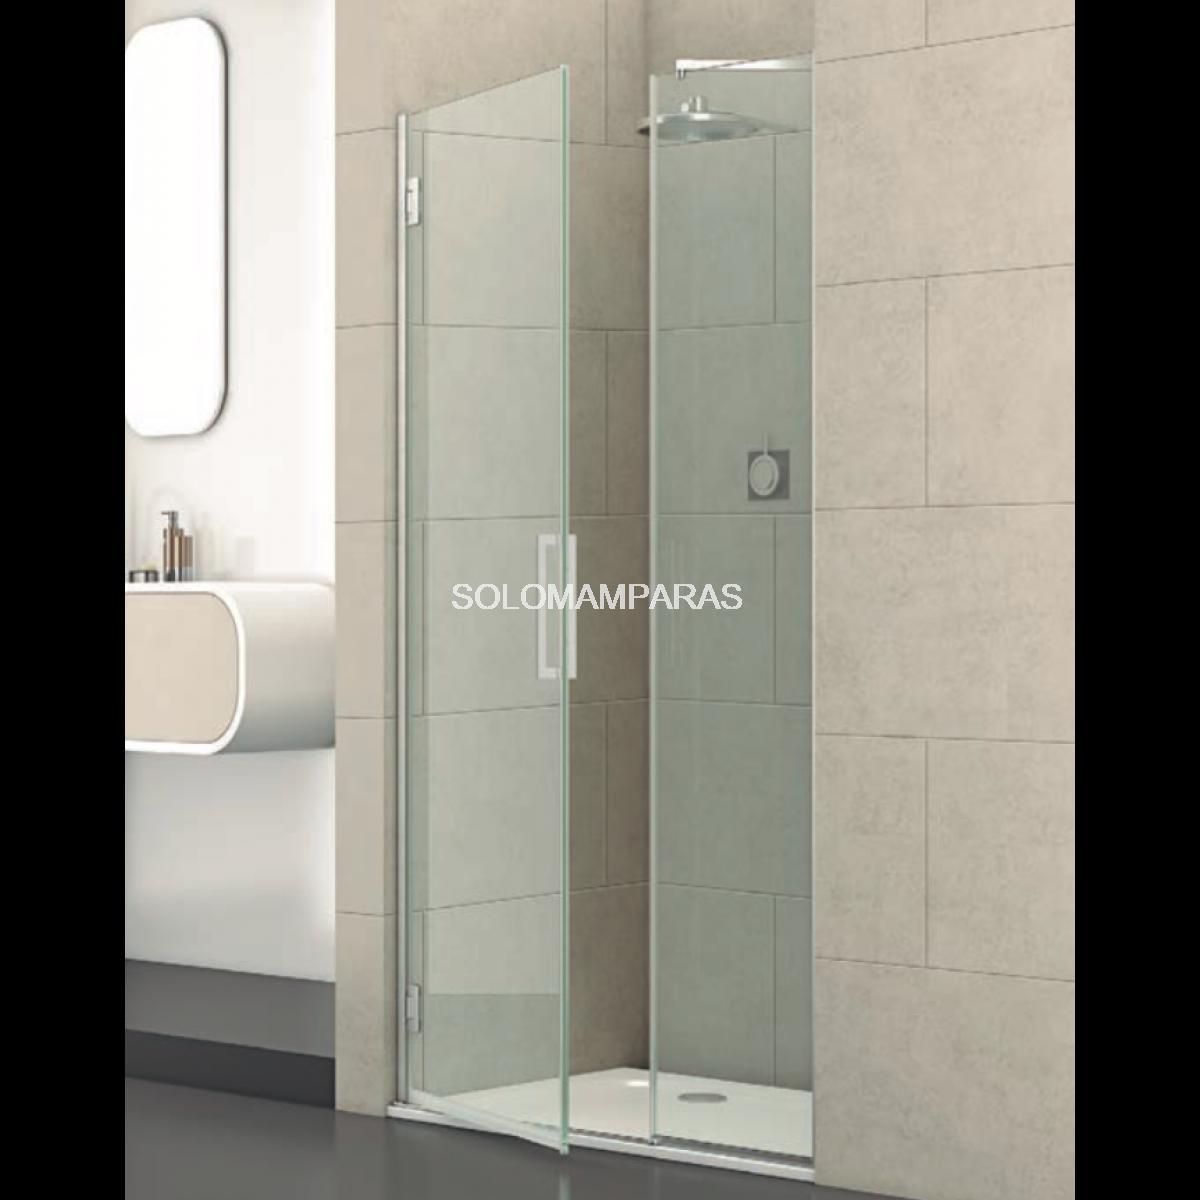 mampara de ducha barra de soporte de 25 mm para cristal de 8 mm a 12 mm brazo de apoyo de acero inoxidable para cuarto de ba/ño soporte de ducha NUZAMAS barra telesc/ópica de 300 mm a 500 mm